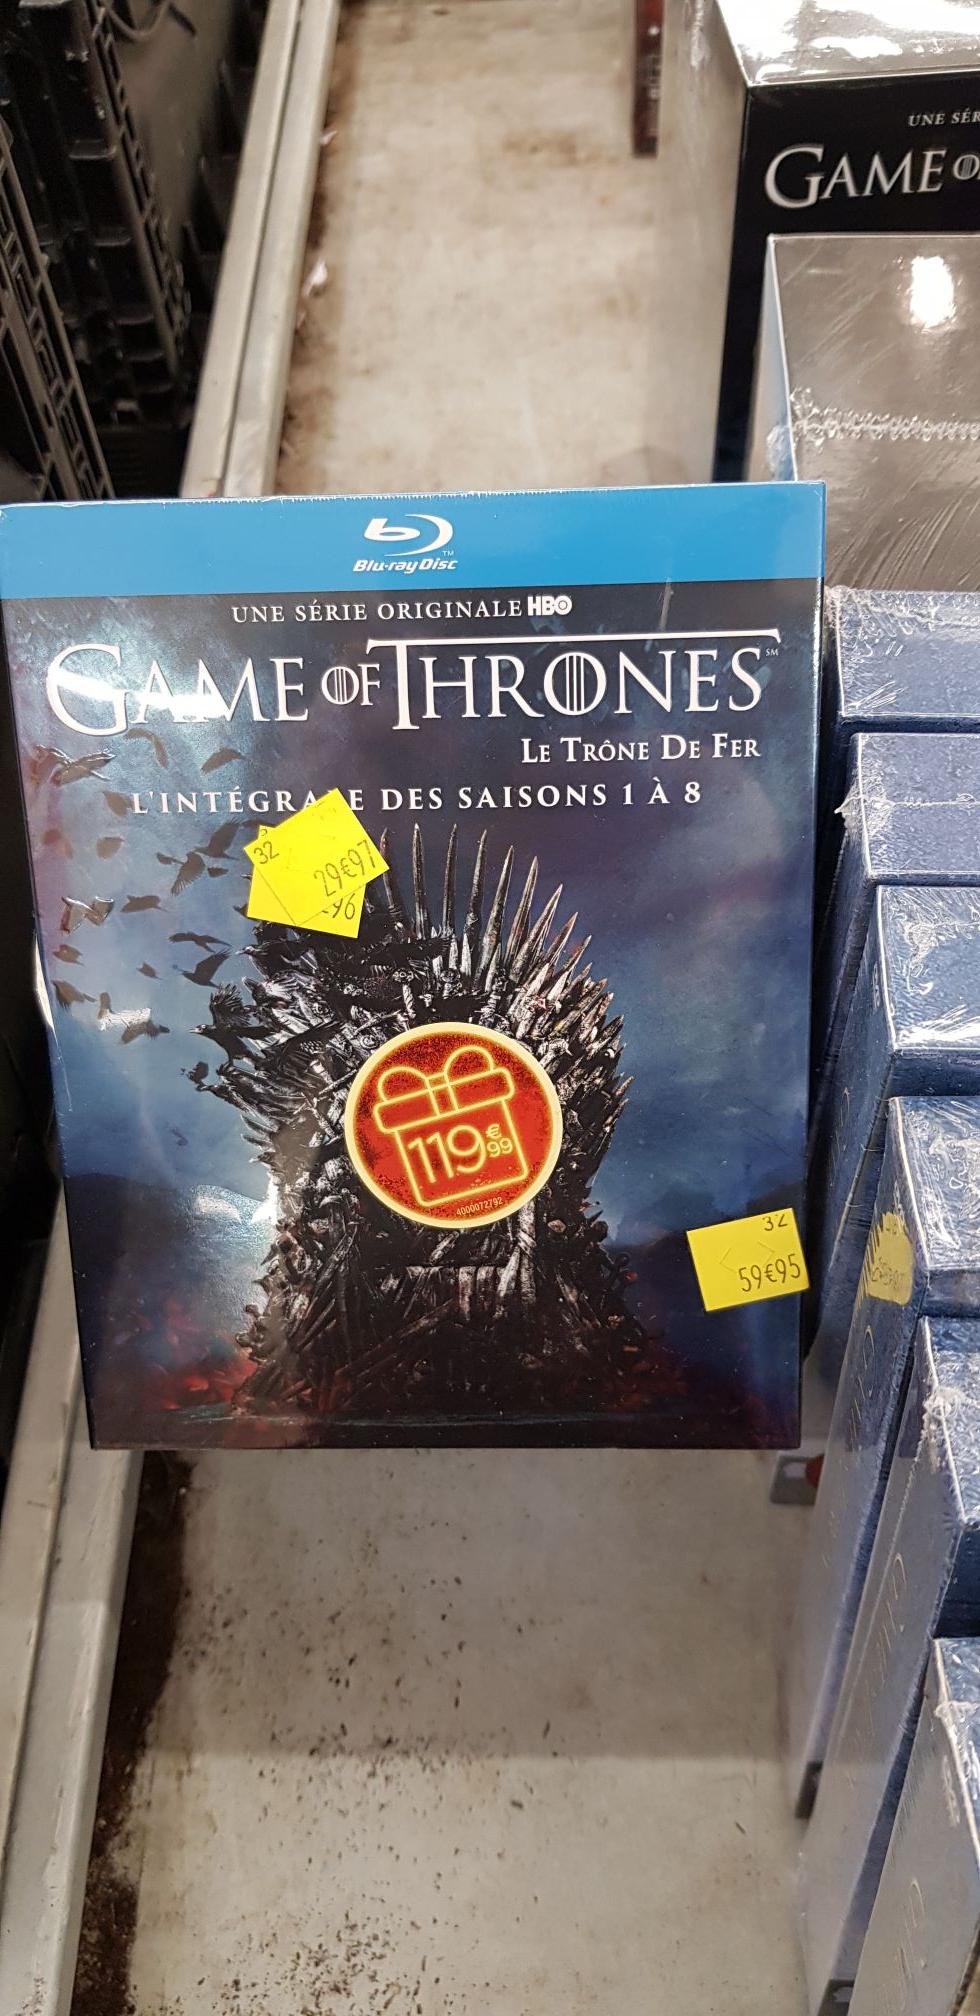 Coffret Blu-Ray Game of Thrones (Le Trône De Fer) - L'intégrale des Saisons 1 à 8 (Carré Sénart 77)